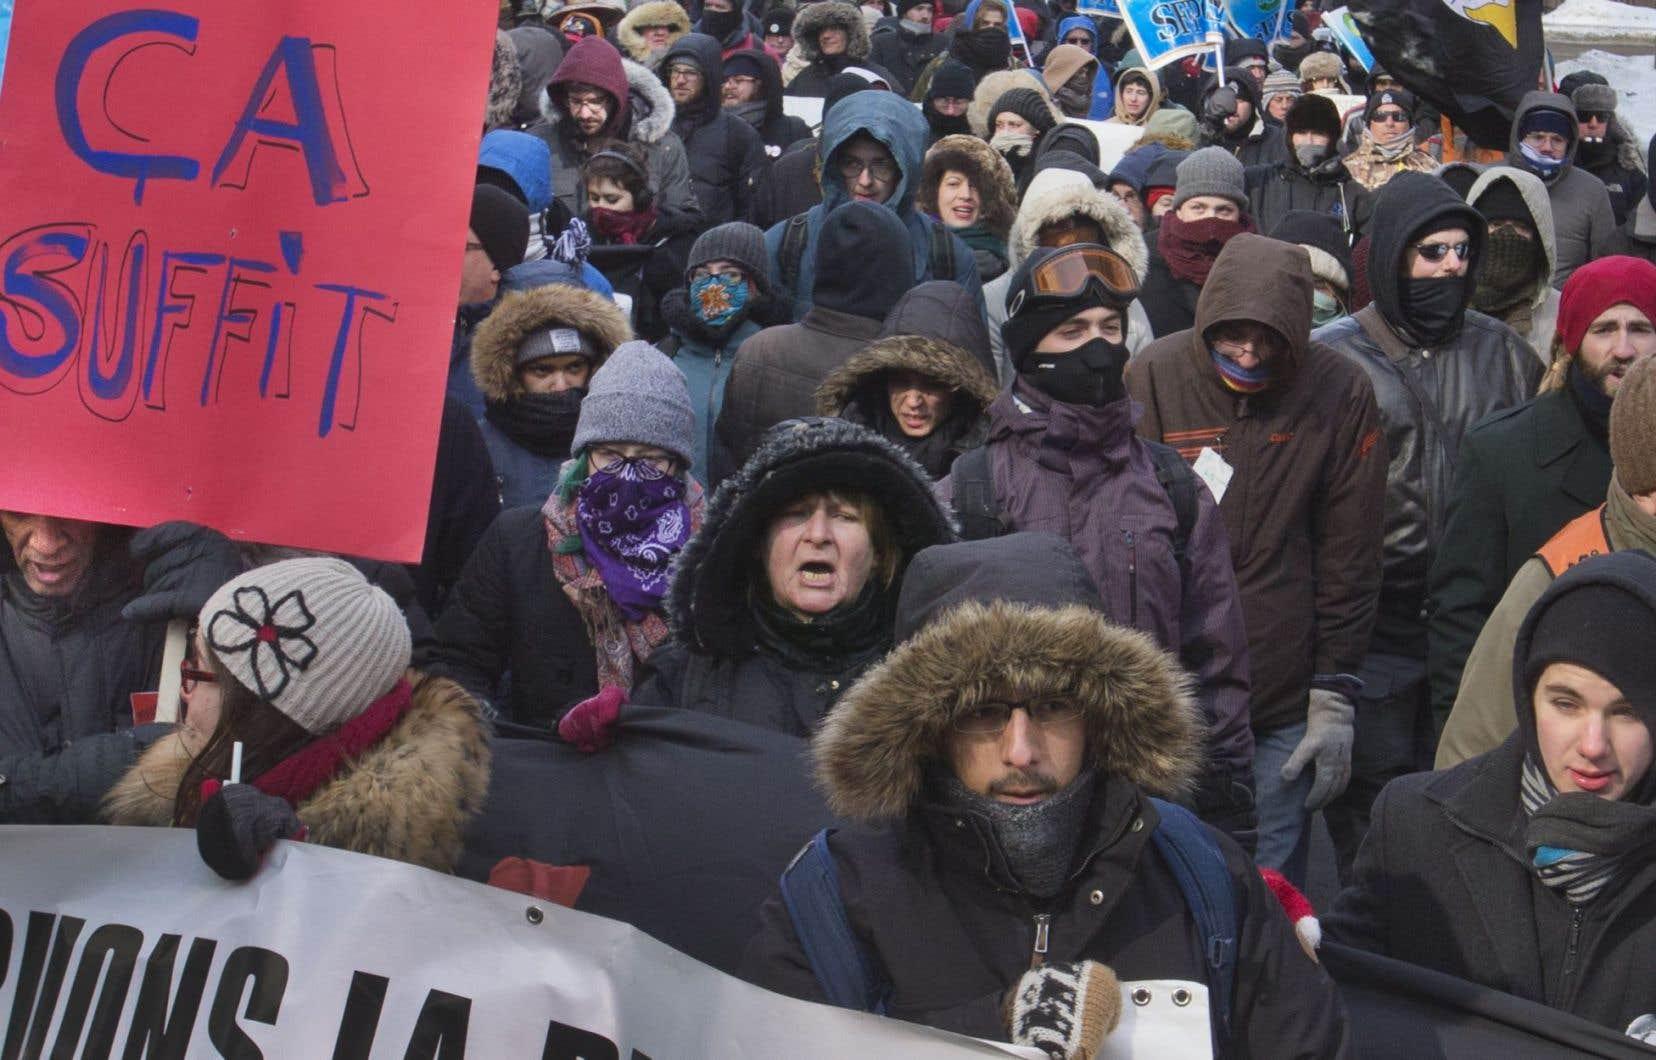 Les manifestants ont entamé leur marche devant les bureaux montréalais du premier ministre Philippe Couillard, avant de se rendre devant la tour BNP-Paribas, puis aux bureaux de l'Association des banquiers.